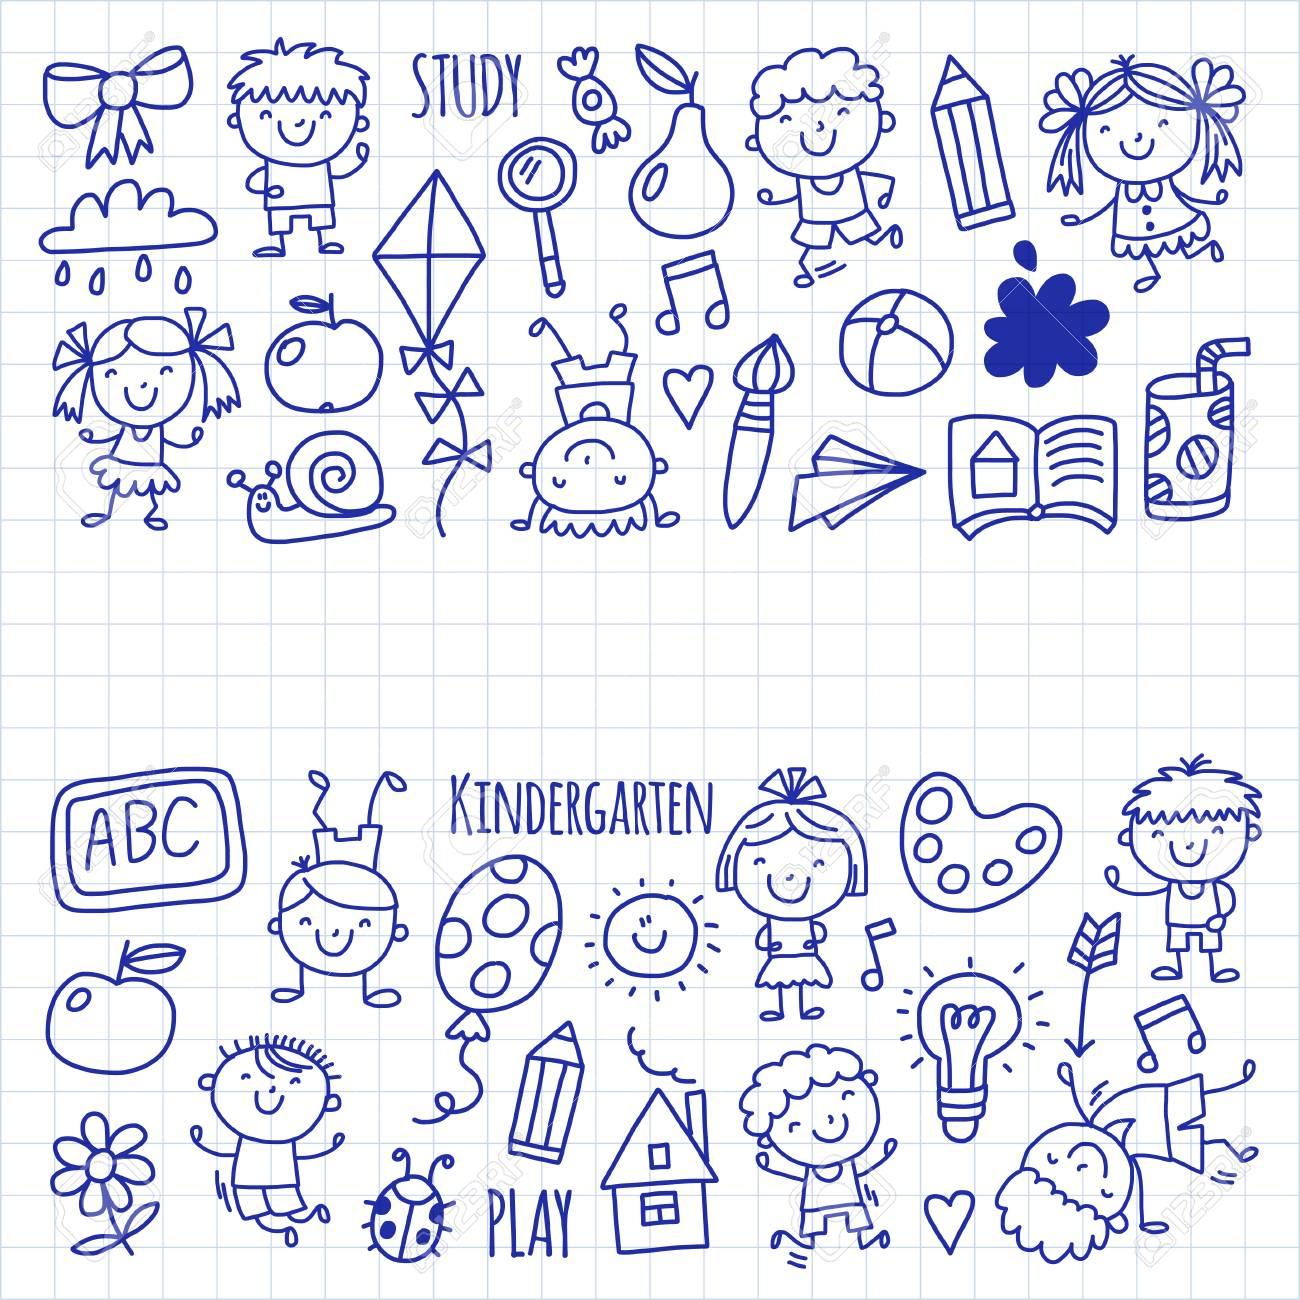 Enfants Dessin École Maternelle Enfants Heureux Jeu Illustration Pour  Enfants Enfants École Maternelle Icon à Jeux Enfant Maternelle